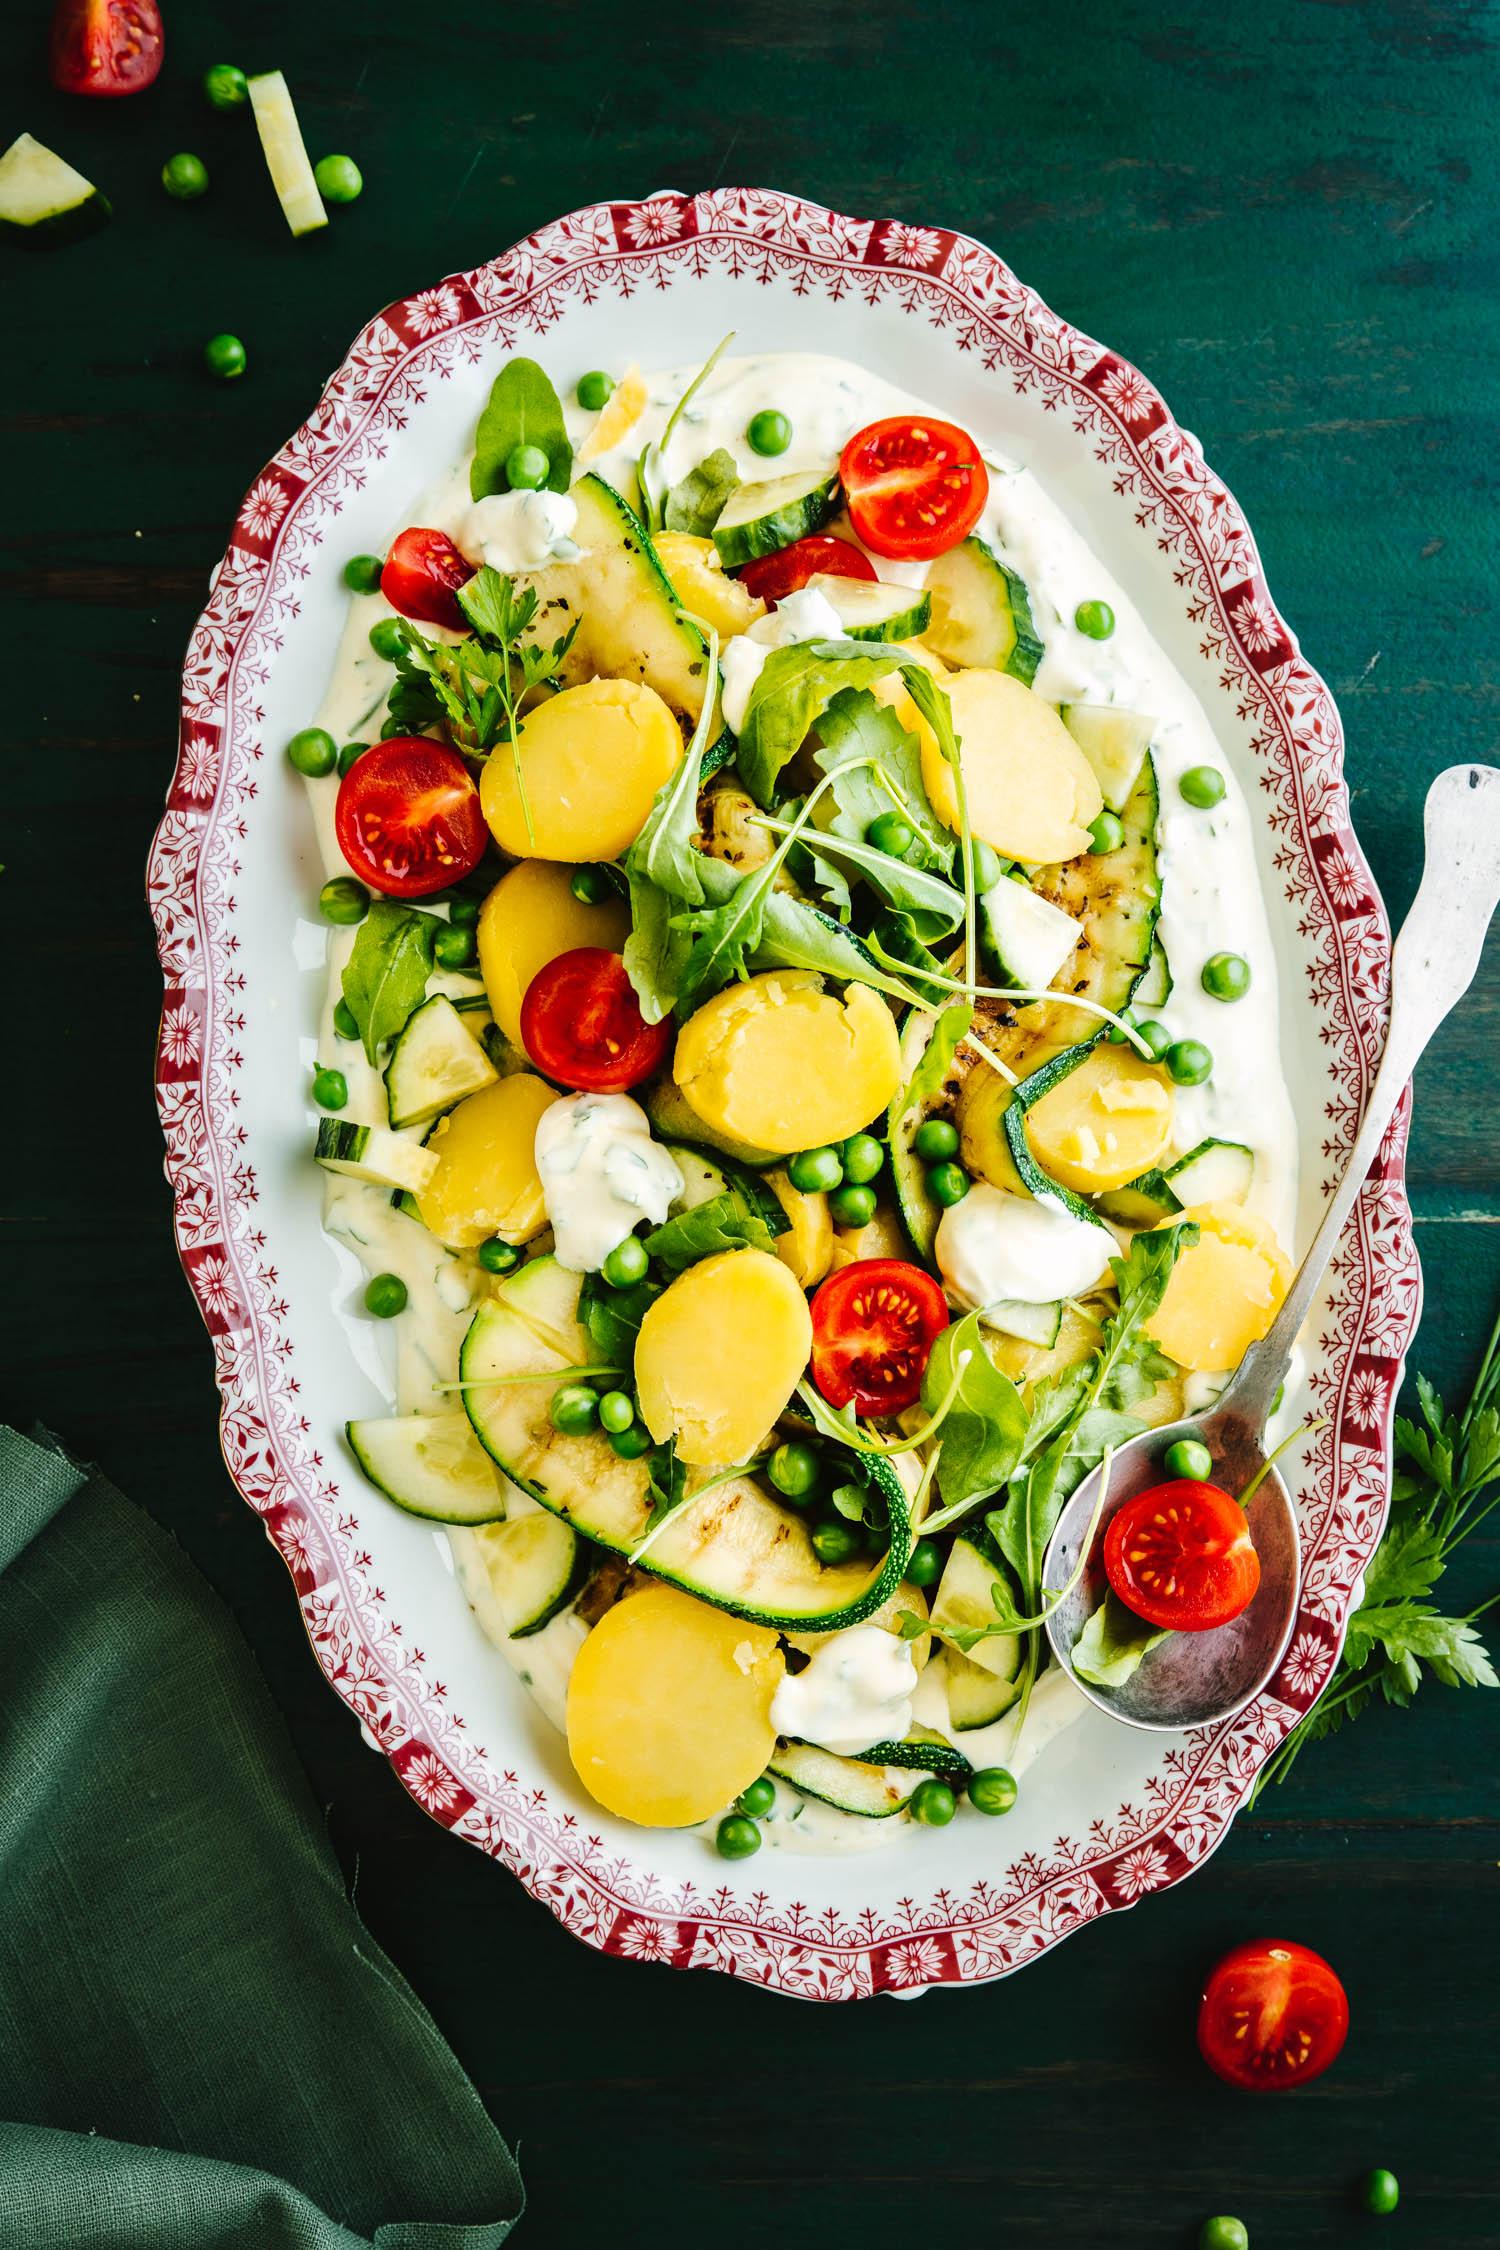 Kartoffelsalat mit Quark auf Platte mit rotem Rand und Löffel